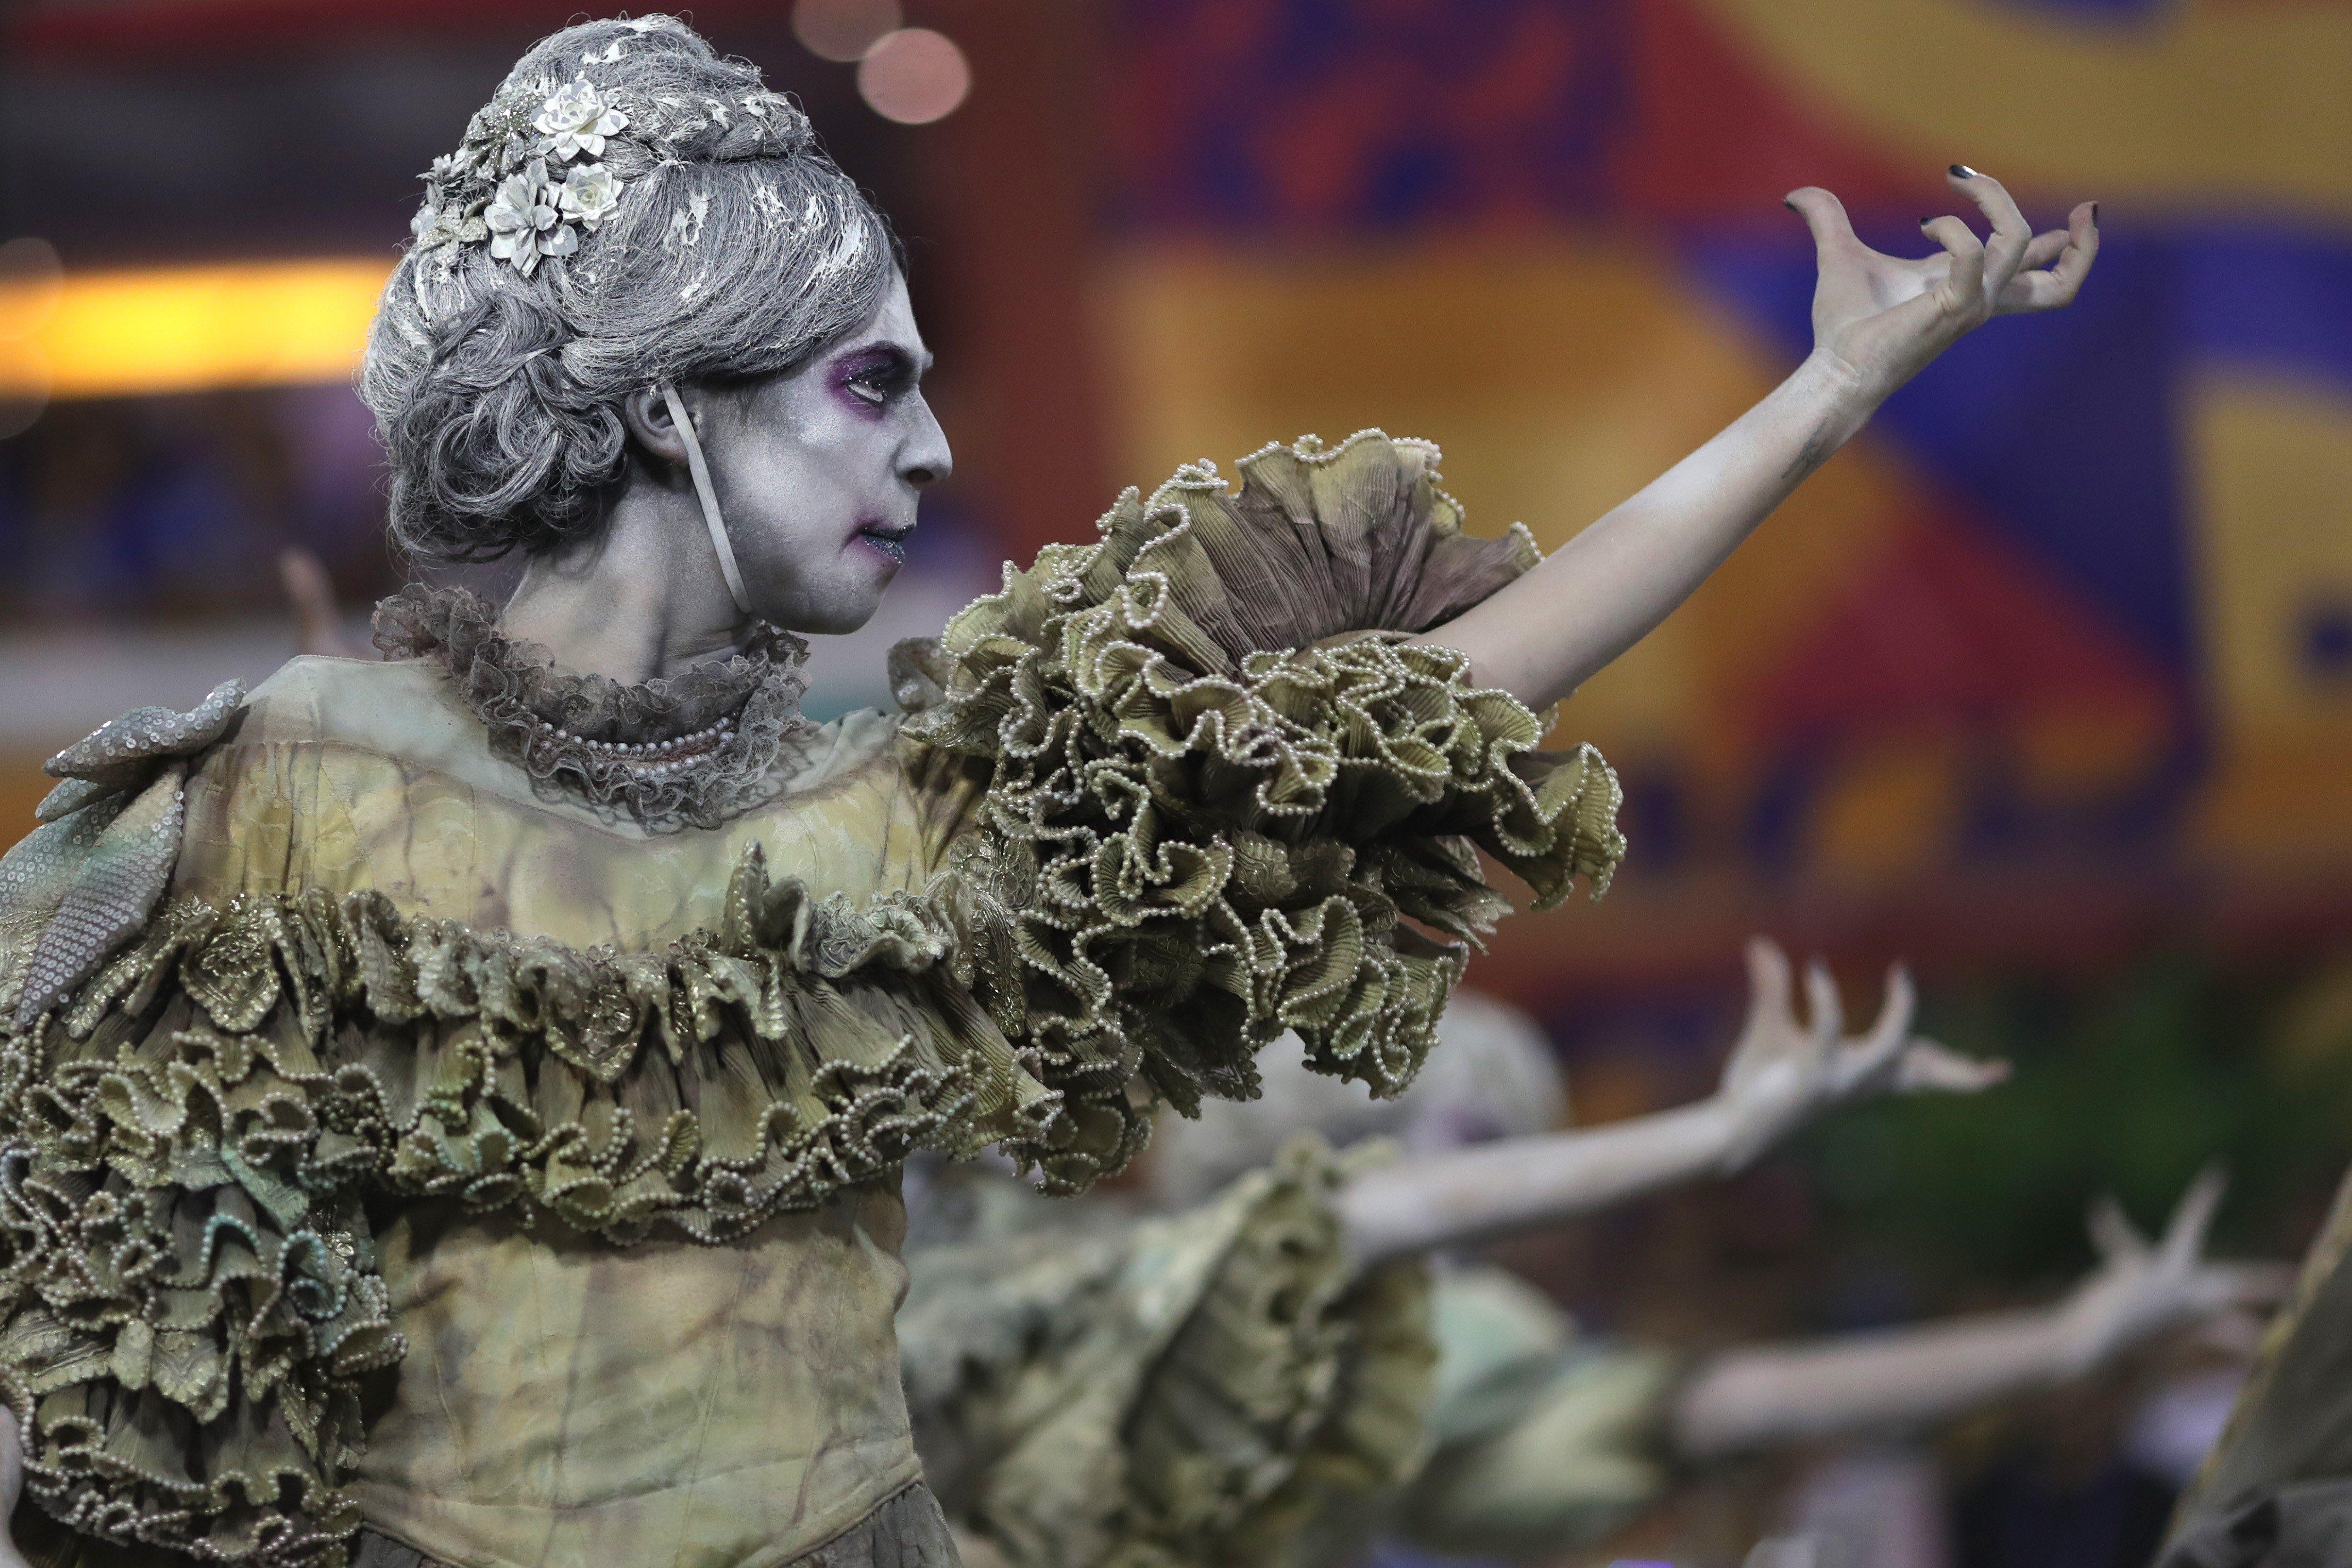 Los disfraces que se utilizan en el carnaval pueden costar hasta mil dólares, según los participantes.